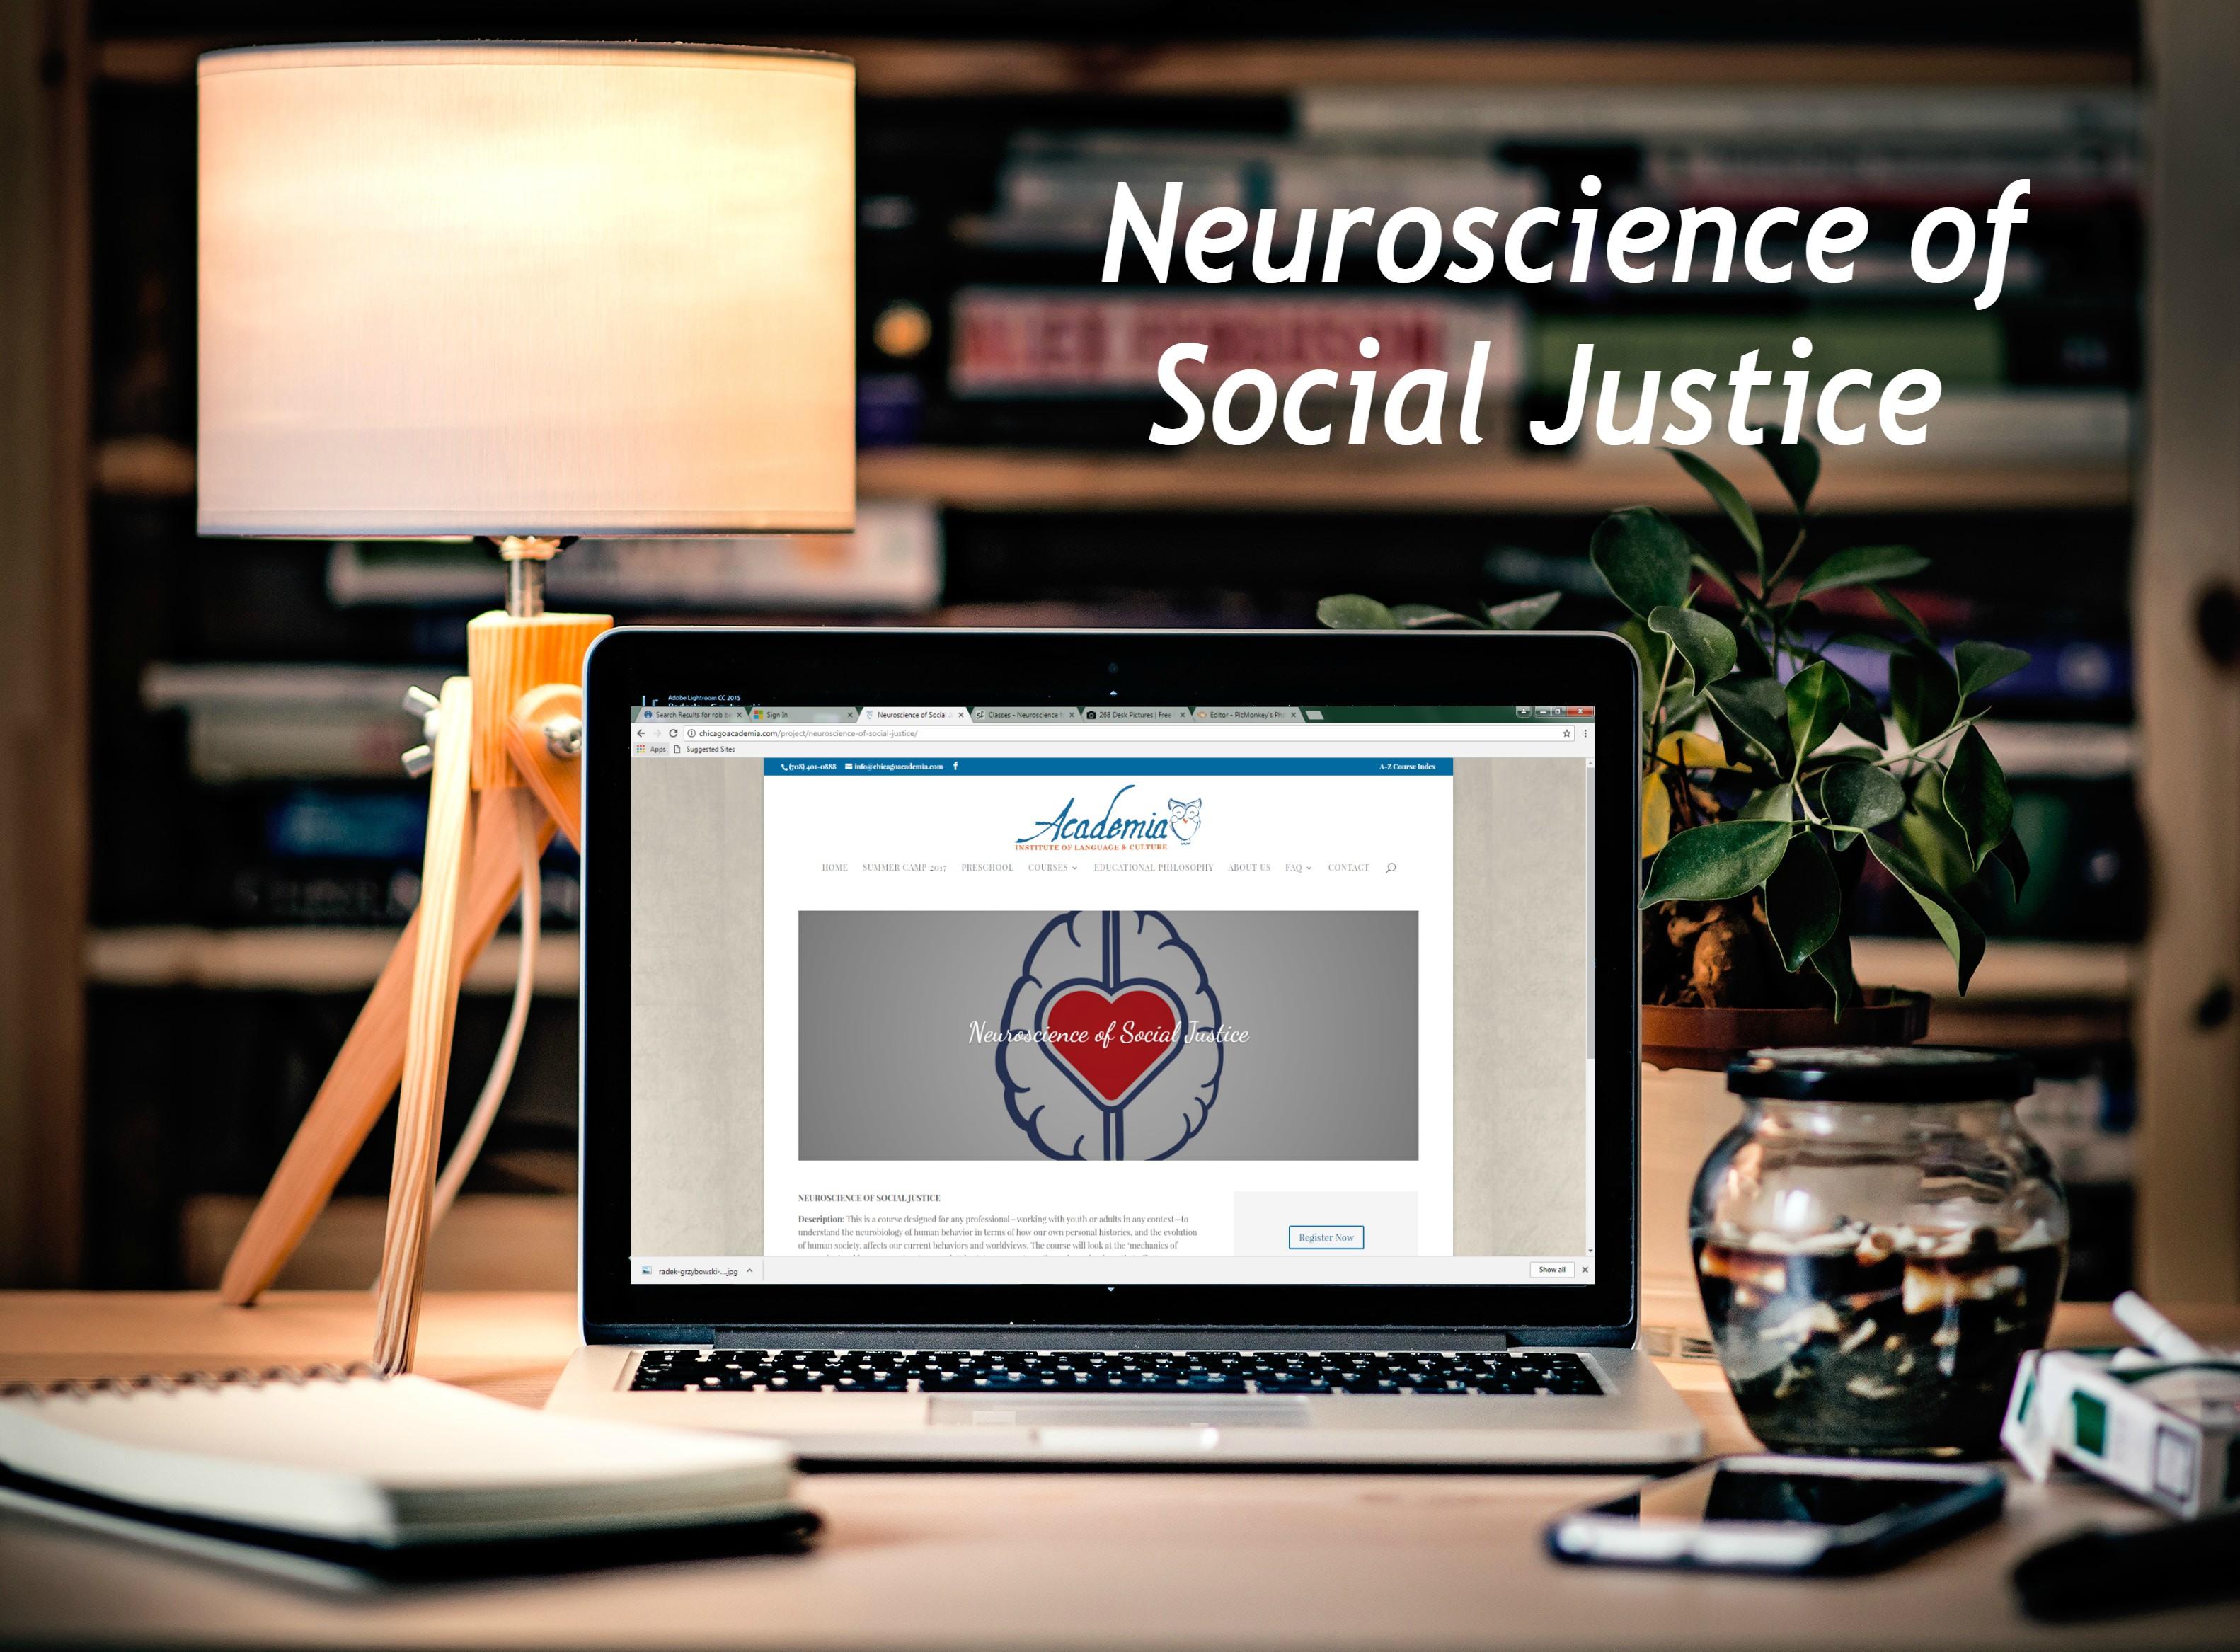 Neuroscience of Social Justice